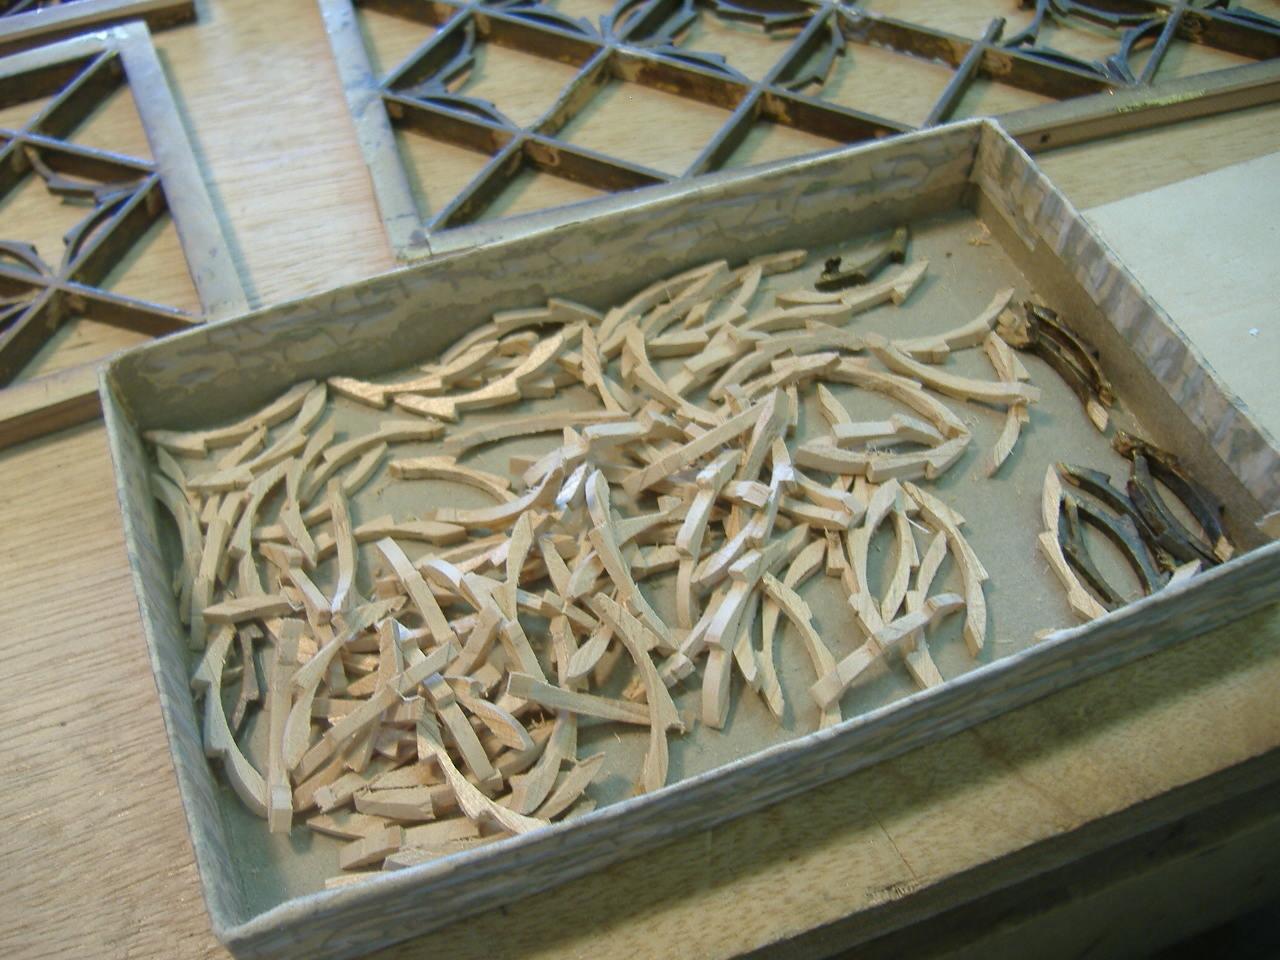 仏壇洗濯・修理 折れないように切り取ったパーツは、方向を考えピンセットを使い接着させます。